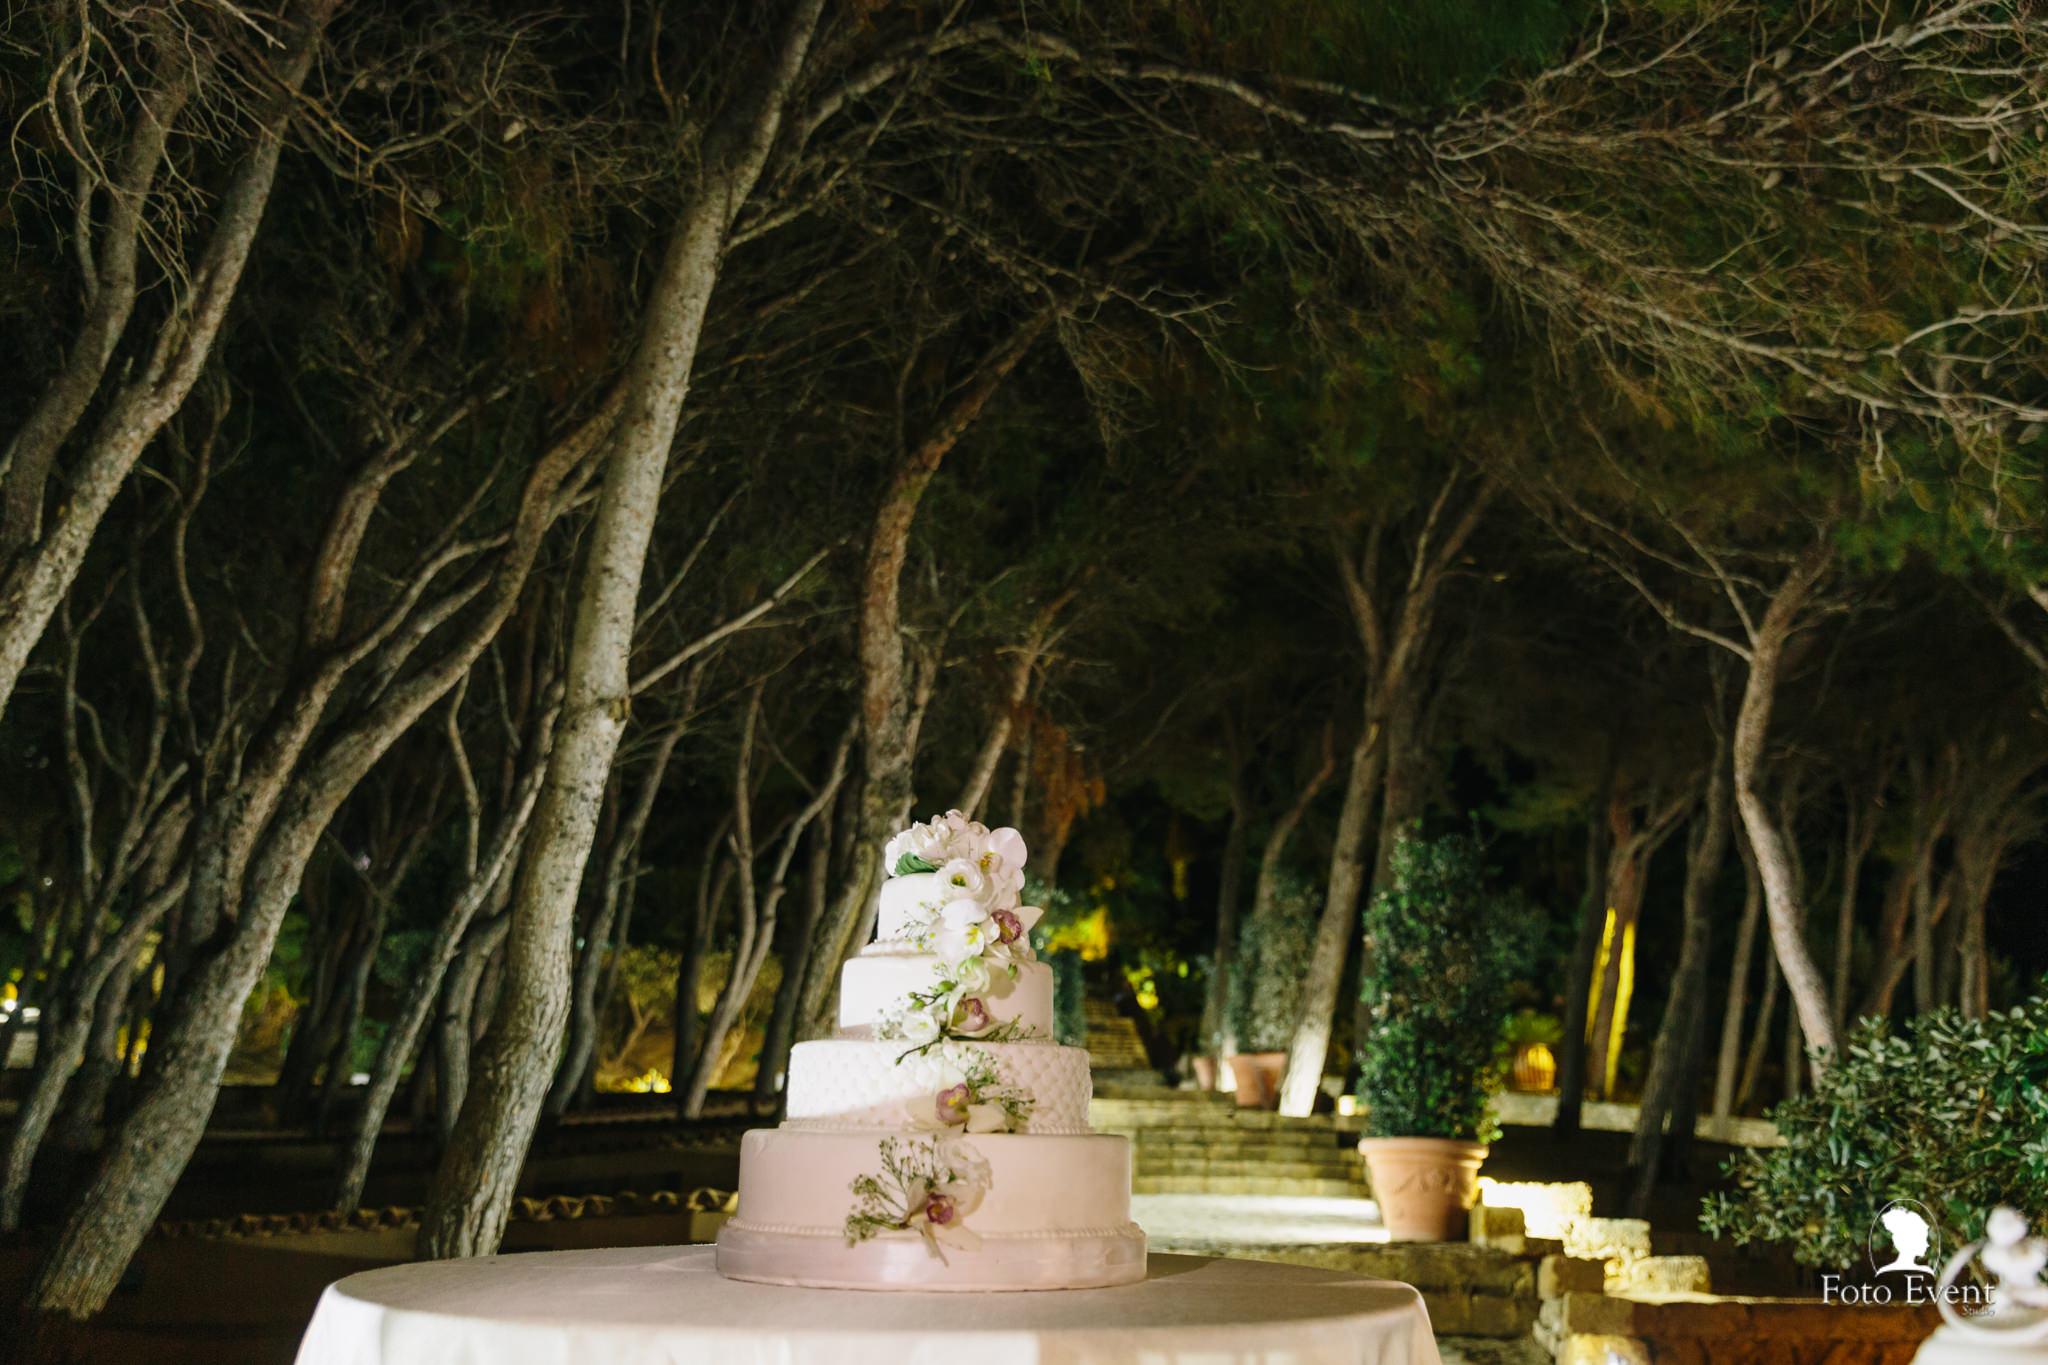 047-2019-09-09-Matrimonio-Dorotea-e-Alberto-Iemmolo-5DE-1398